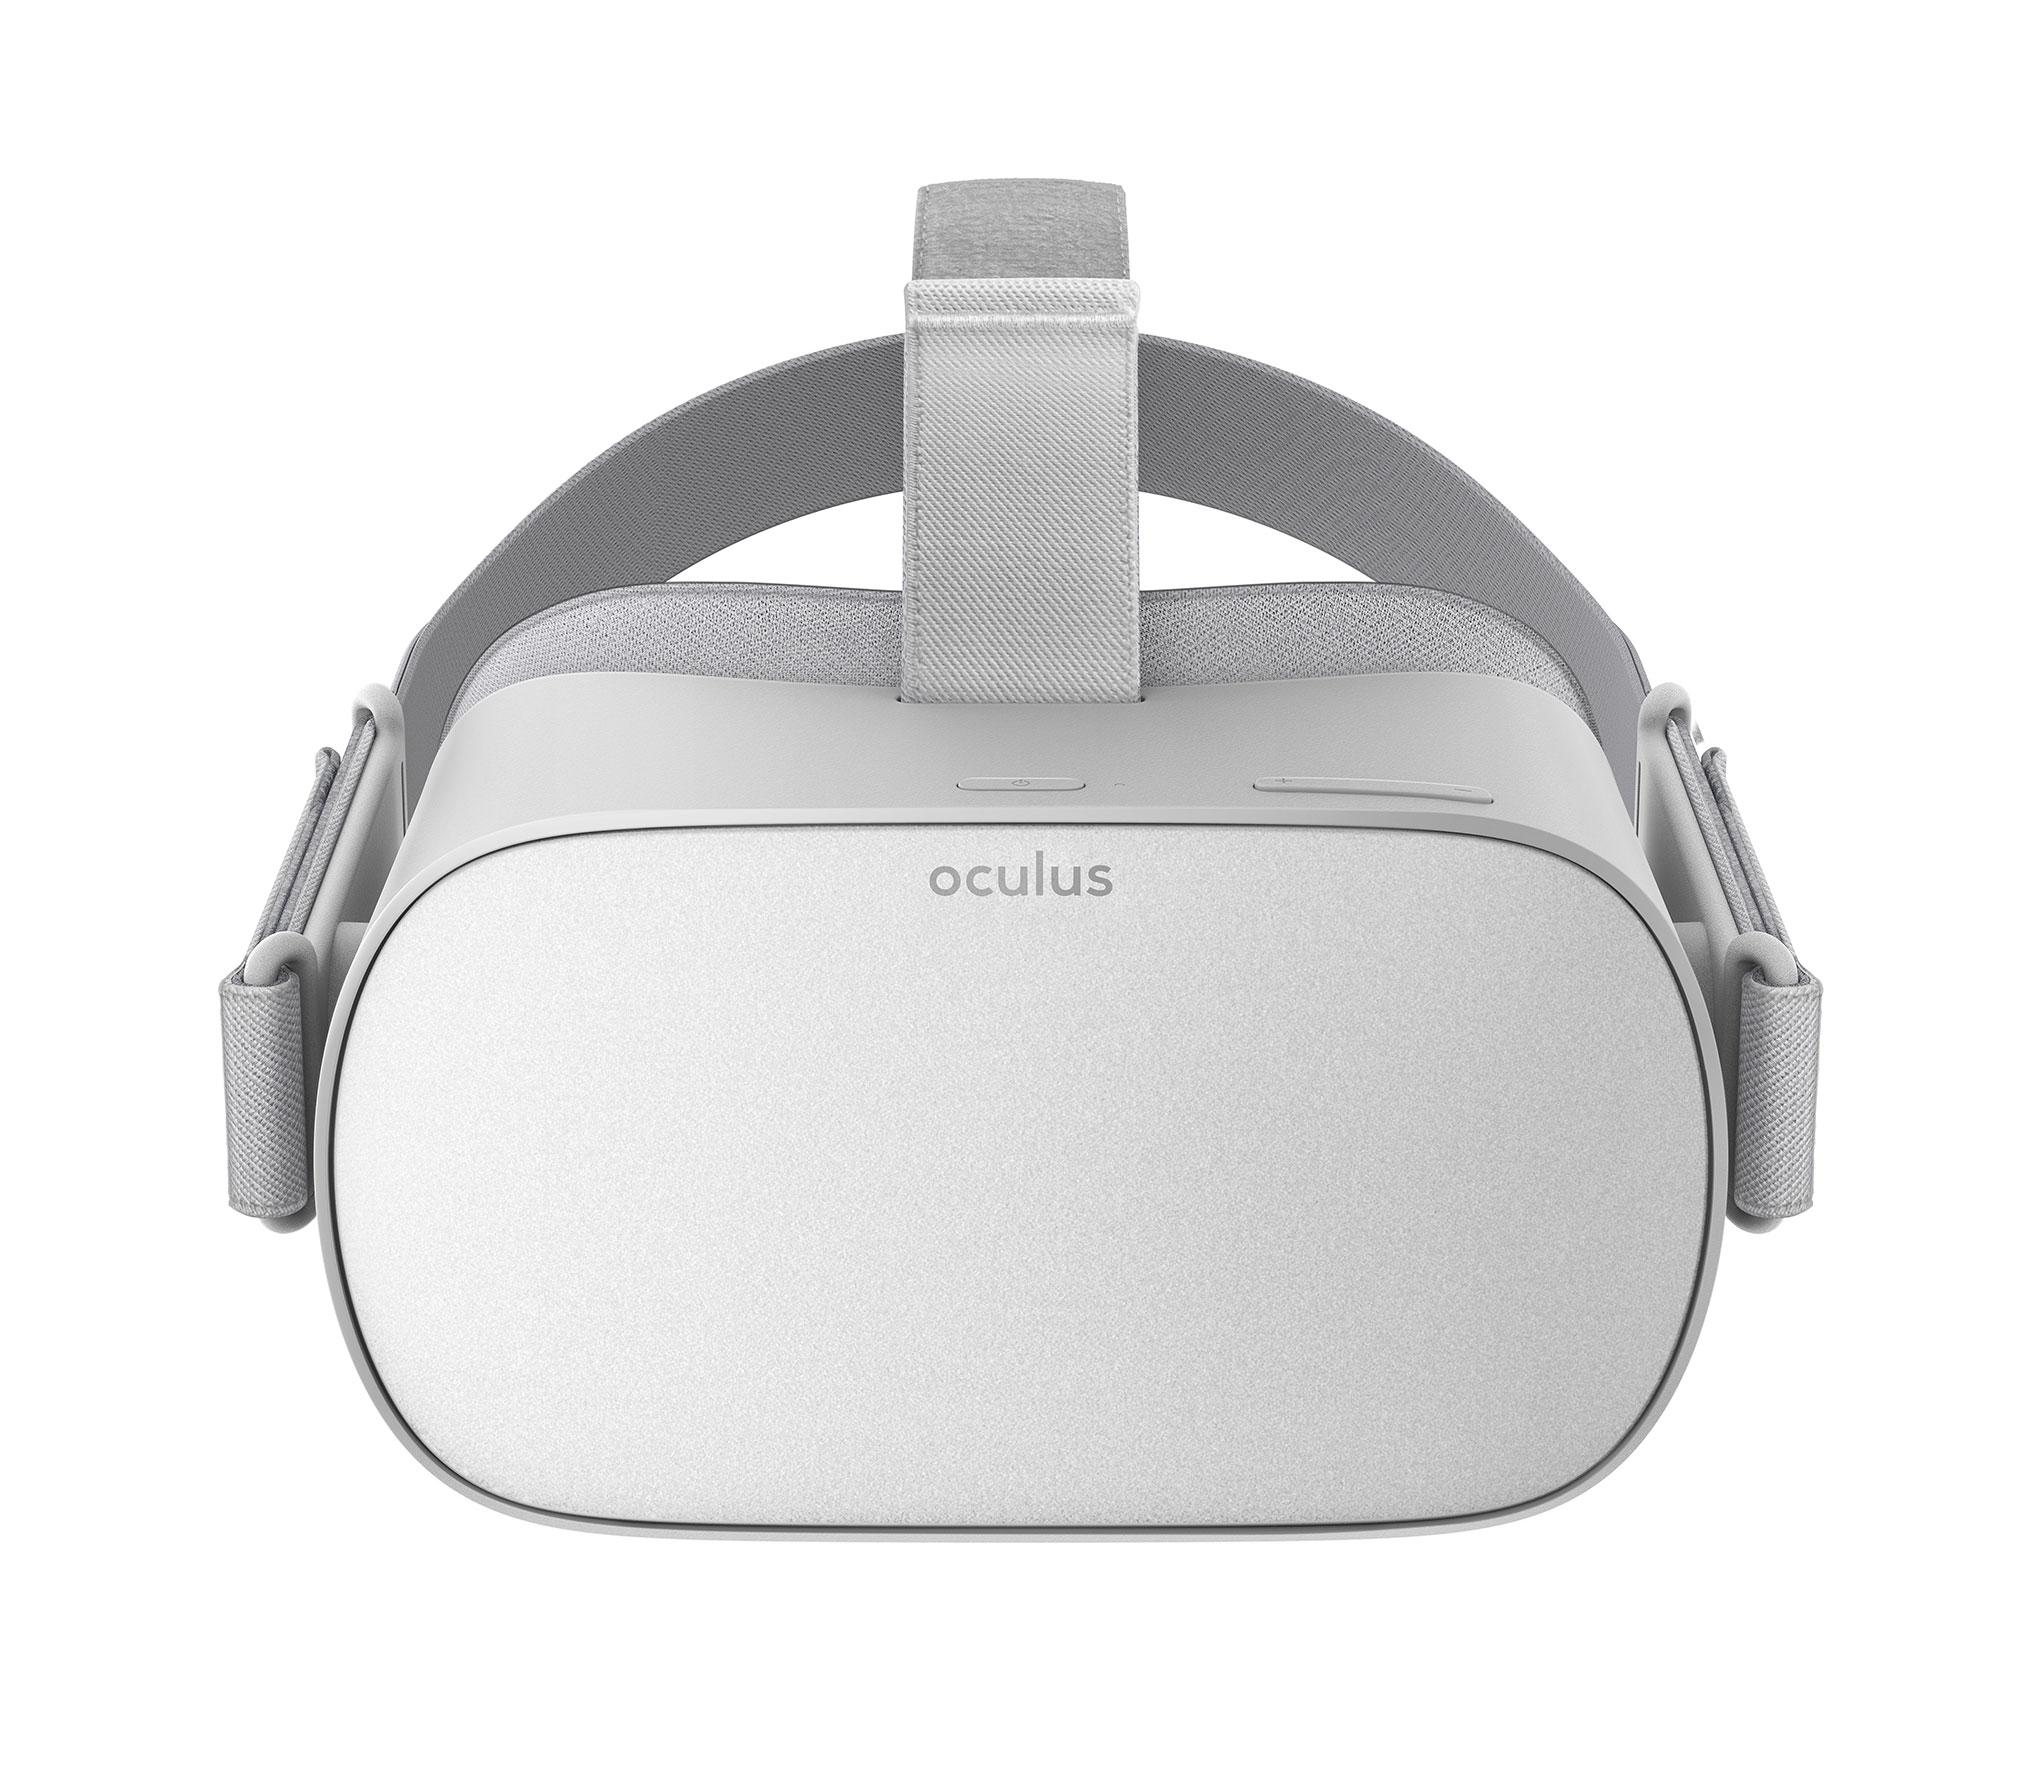 """Leicht, günstig und mit eingebauter Gaming-Hardware ausgestattet: Die """"Oculus Go"""" ist das beste mobile VR-Headset. Doch ebenso wie eine """"Gear VR"""" kann sie nicht die Position des Spielers im virtuellen Raum erfassen."""